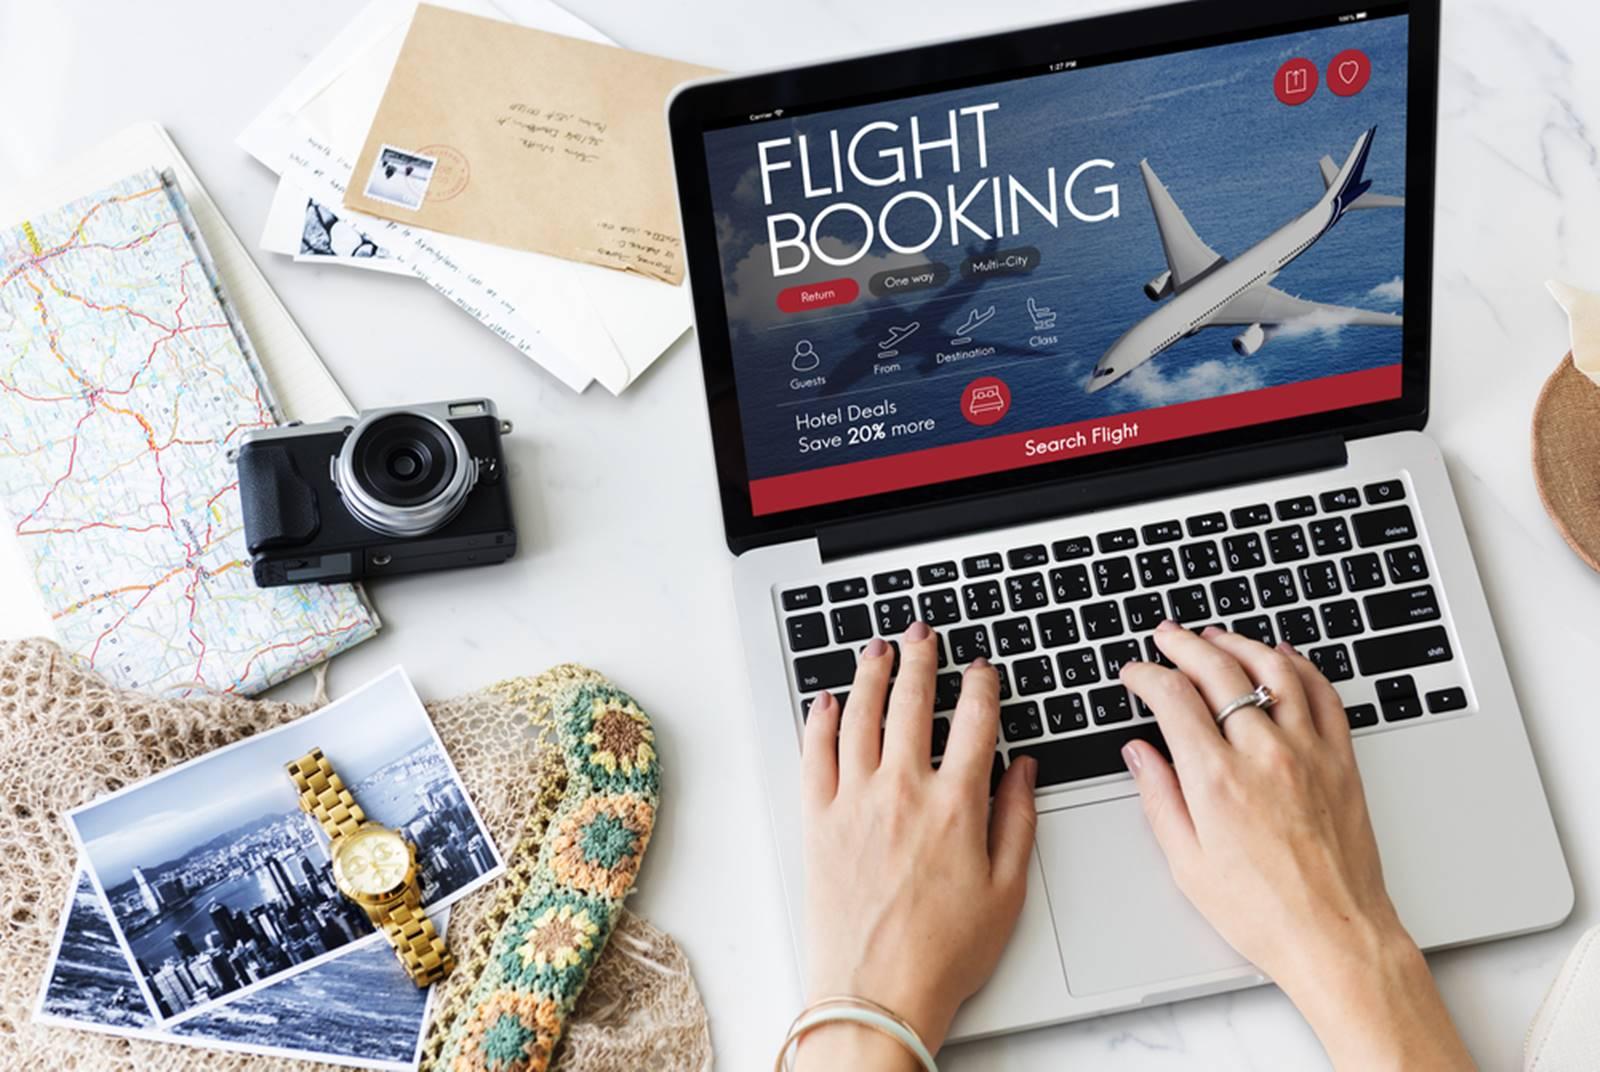 愈愛搜航班的國家,經濟復甦會愈快?另類數據解讀法大公開